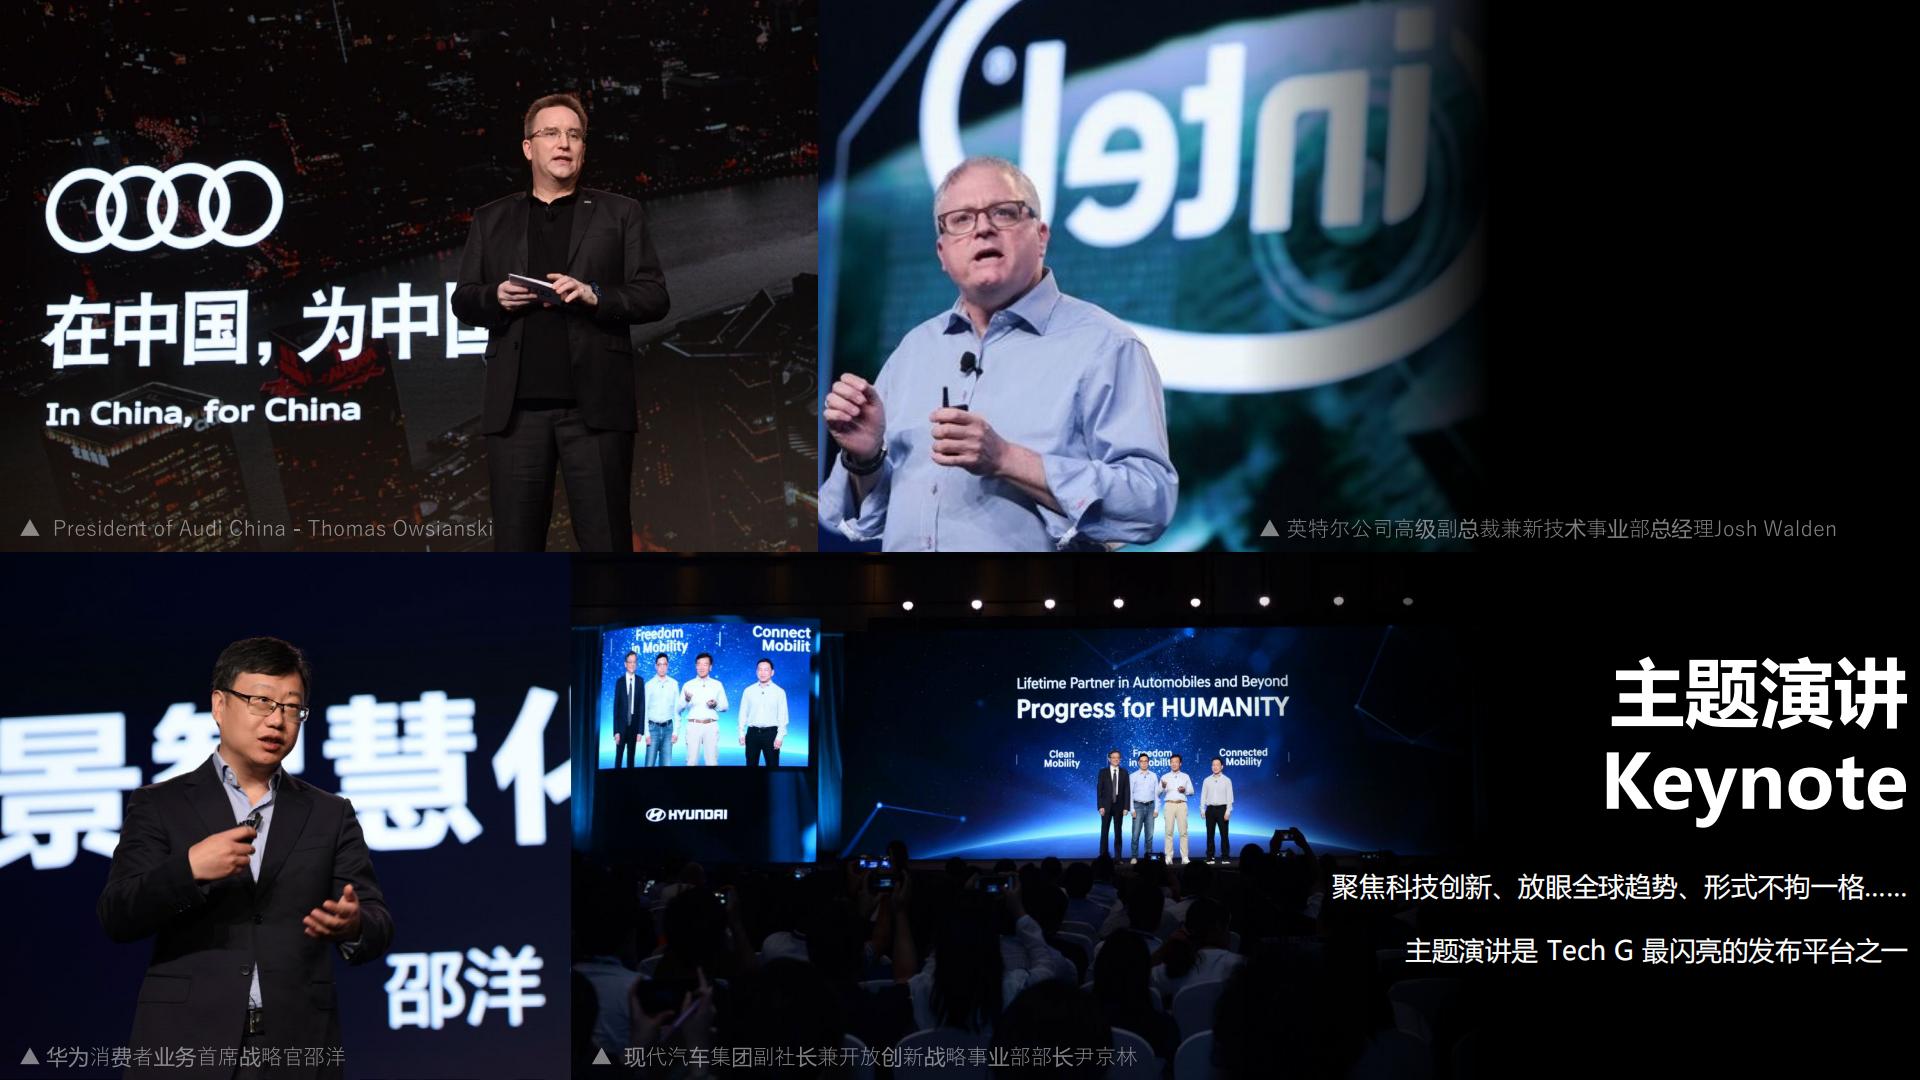 上海國際消費電子技術展覽會Tech G